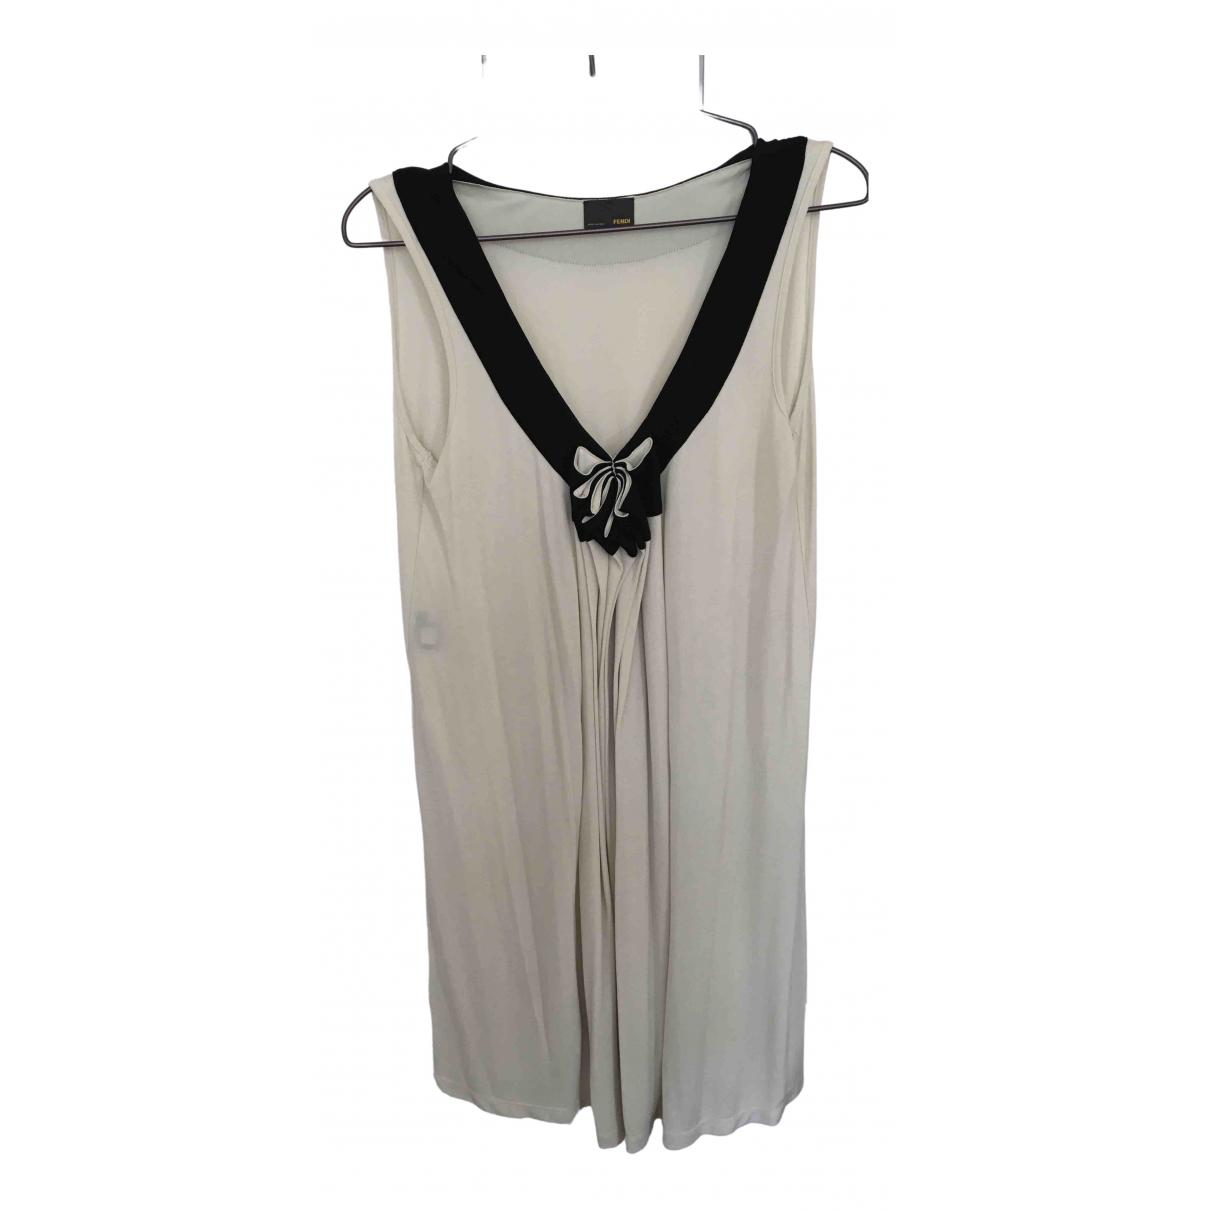 Fendi \N Beige dress for Women 42 IT